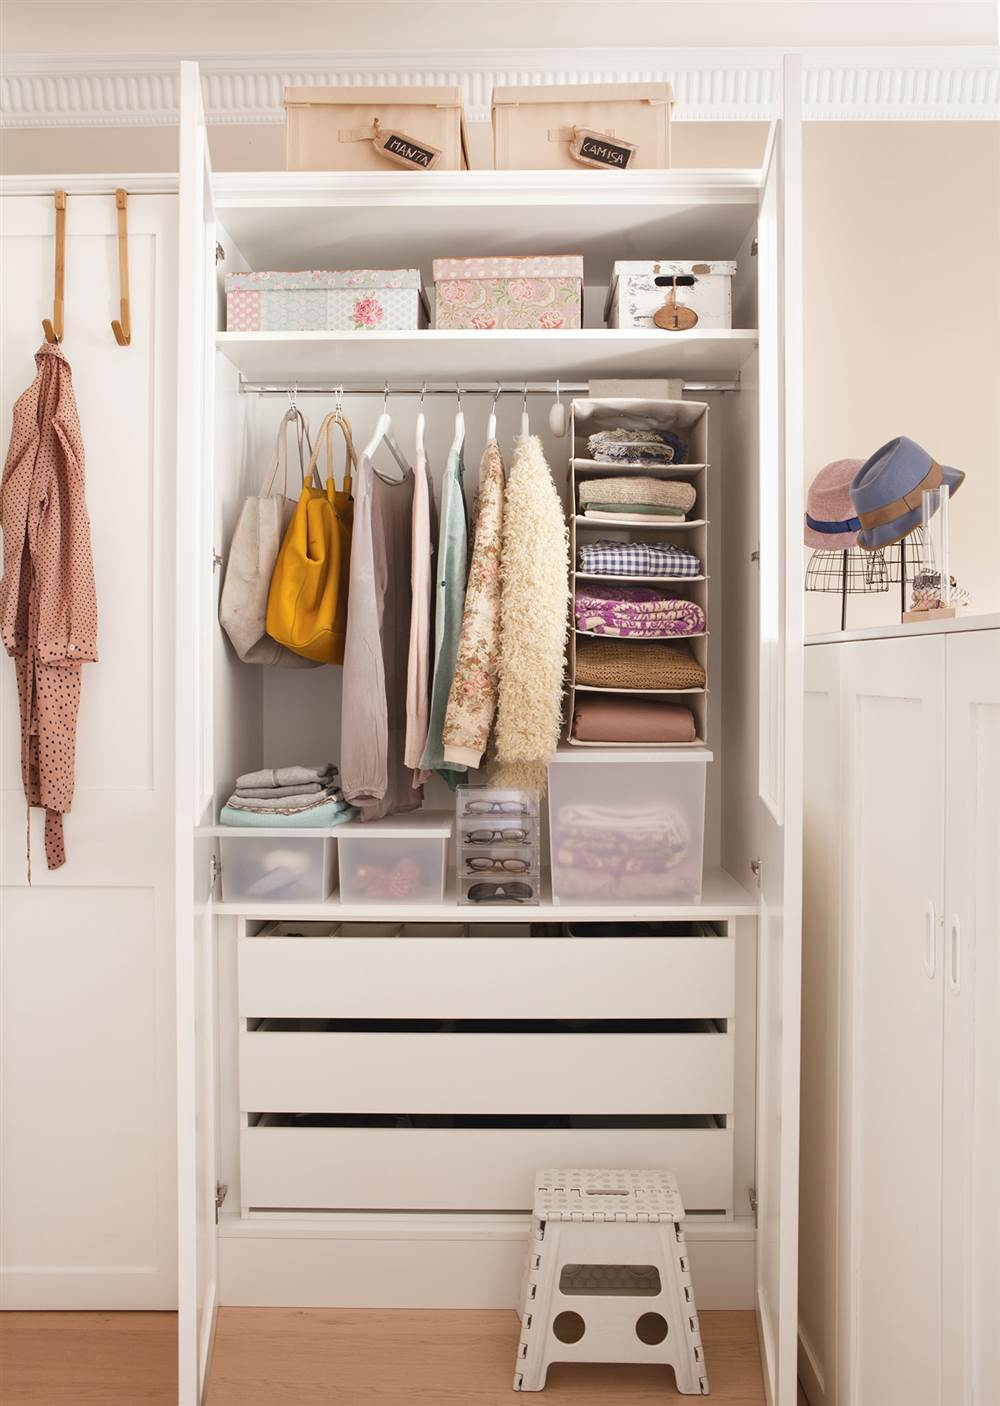 C mo organizar bien el armario for Cajas para guardar ropa armario